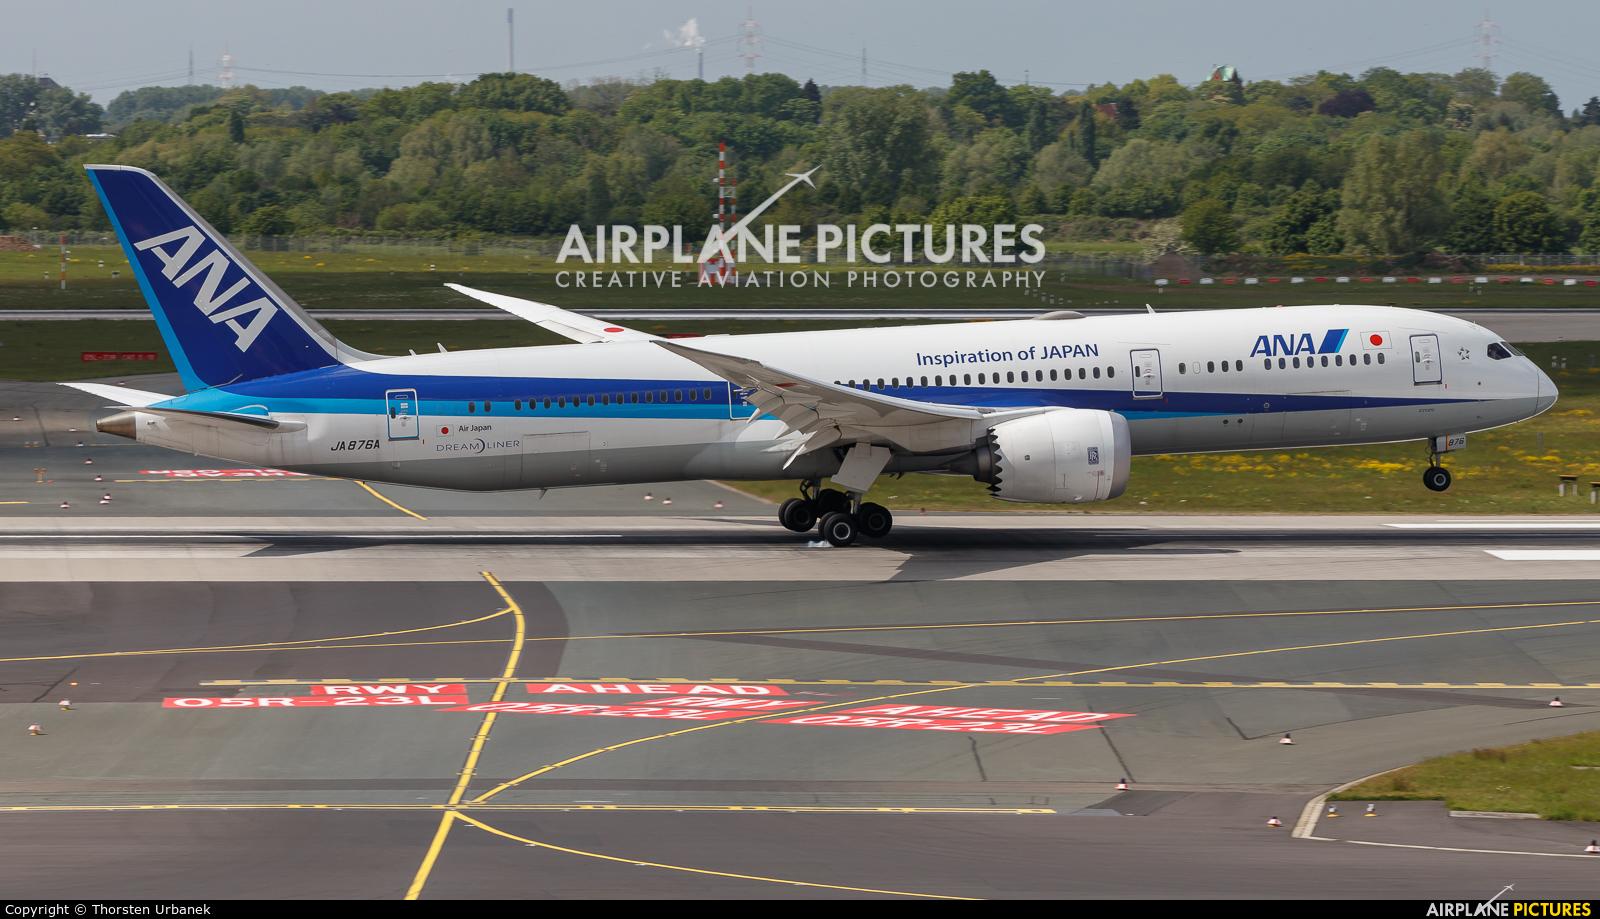 ANA - All Nippon Airways JA876A aircraft at Düsseldorf